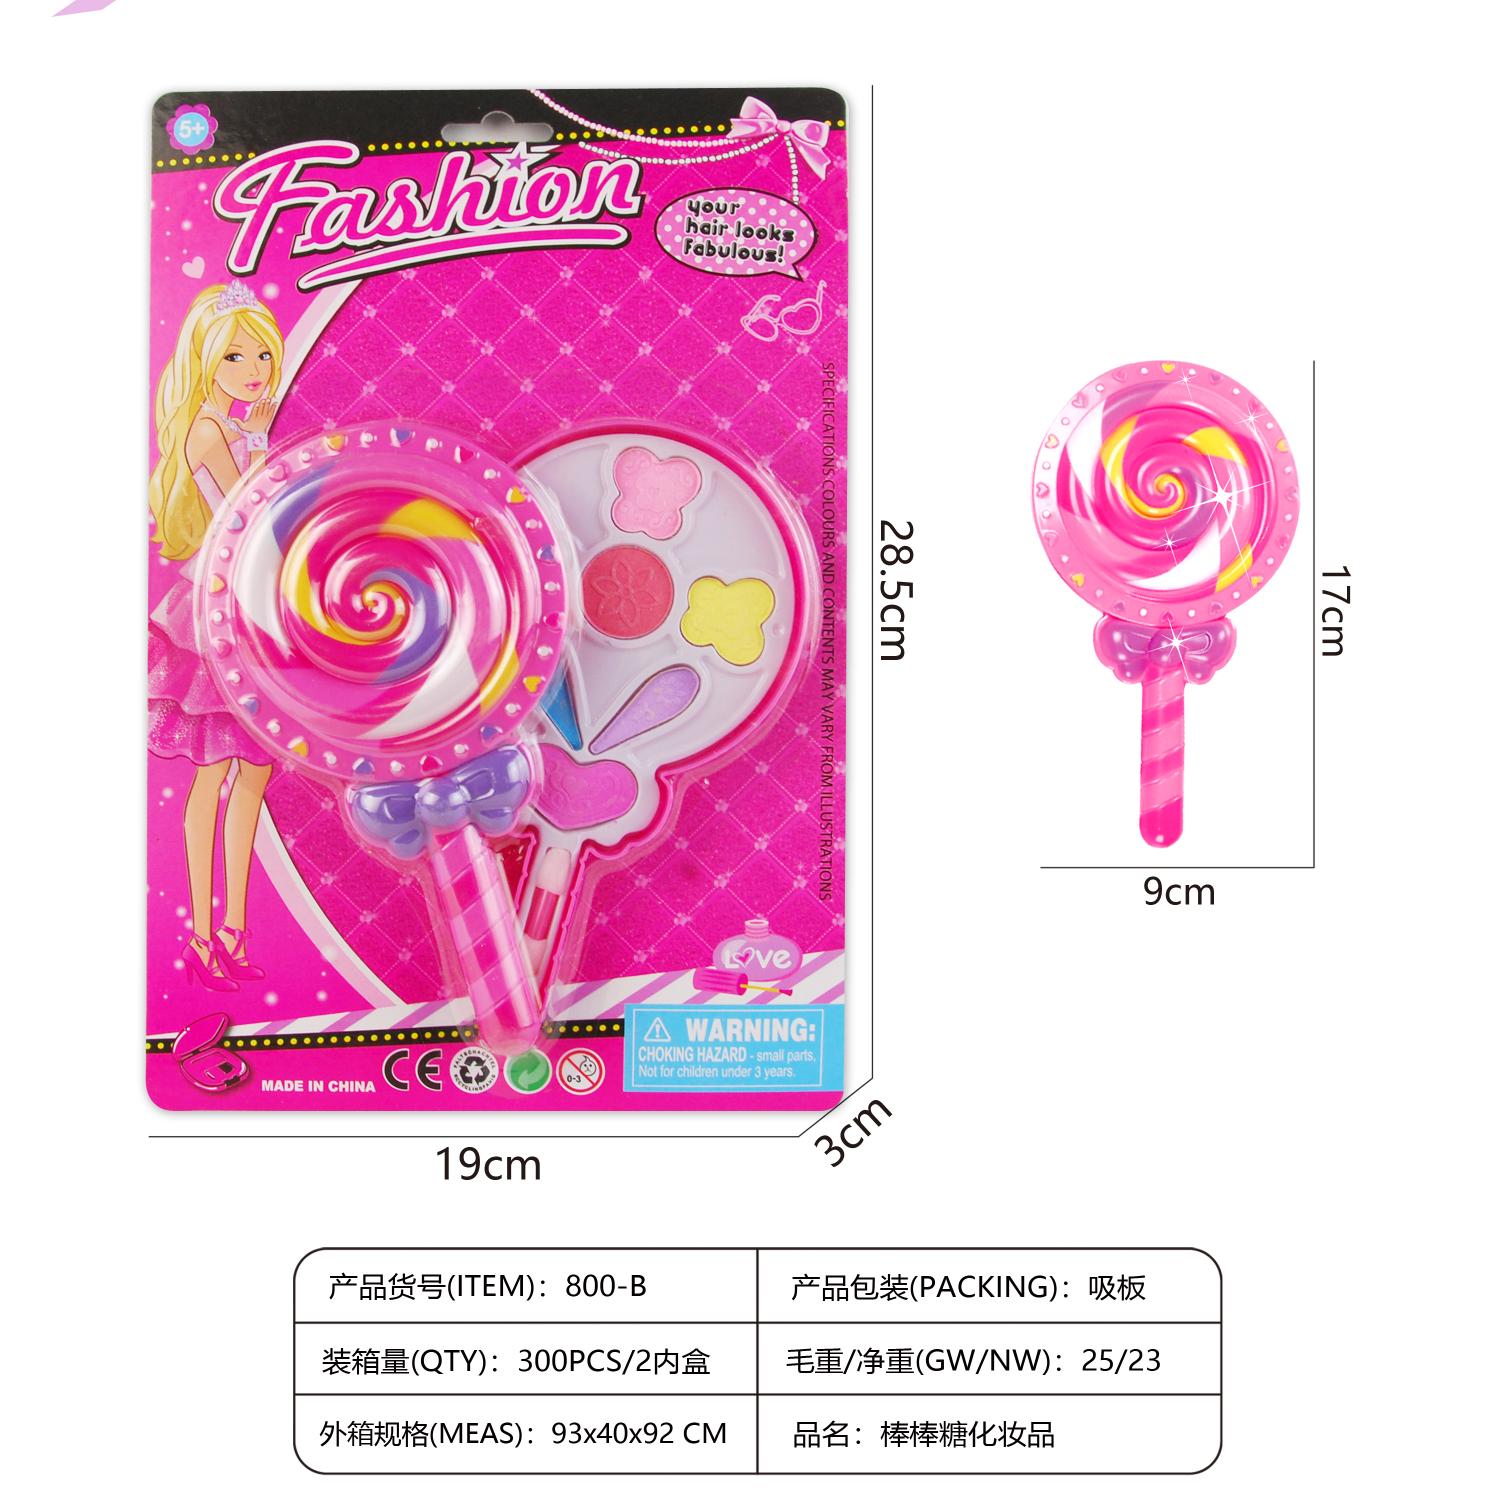 彩妆玩具 800-B